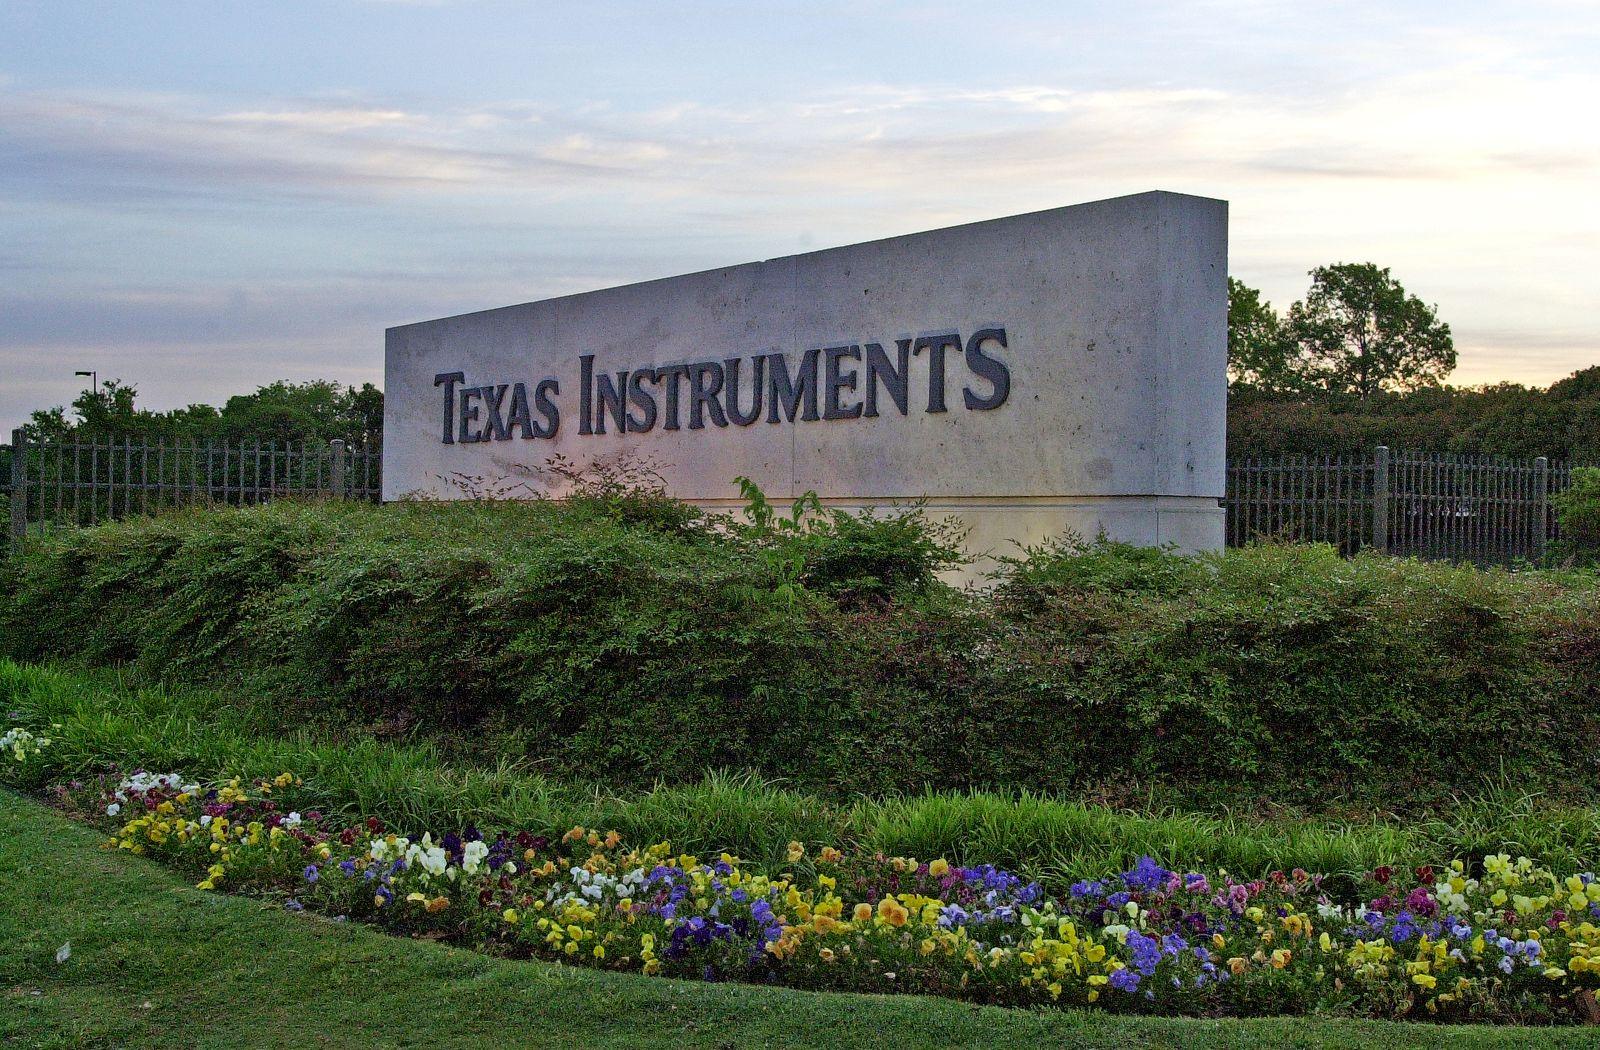 Texas Instruments / South Campus in Dallas